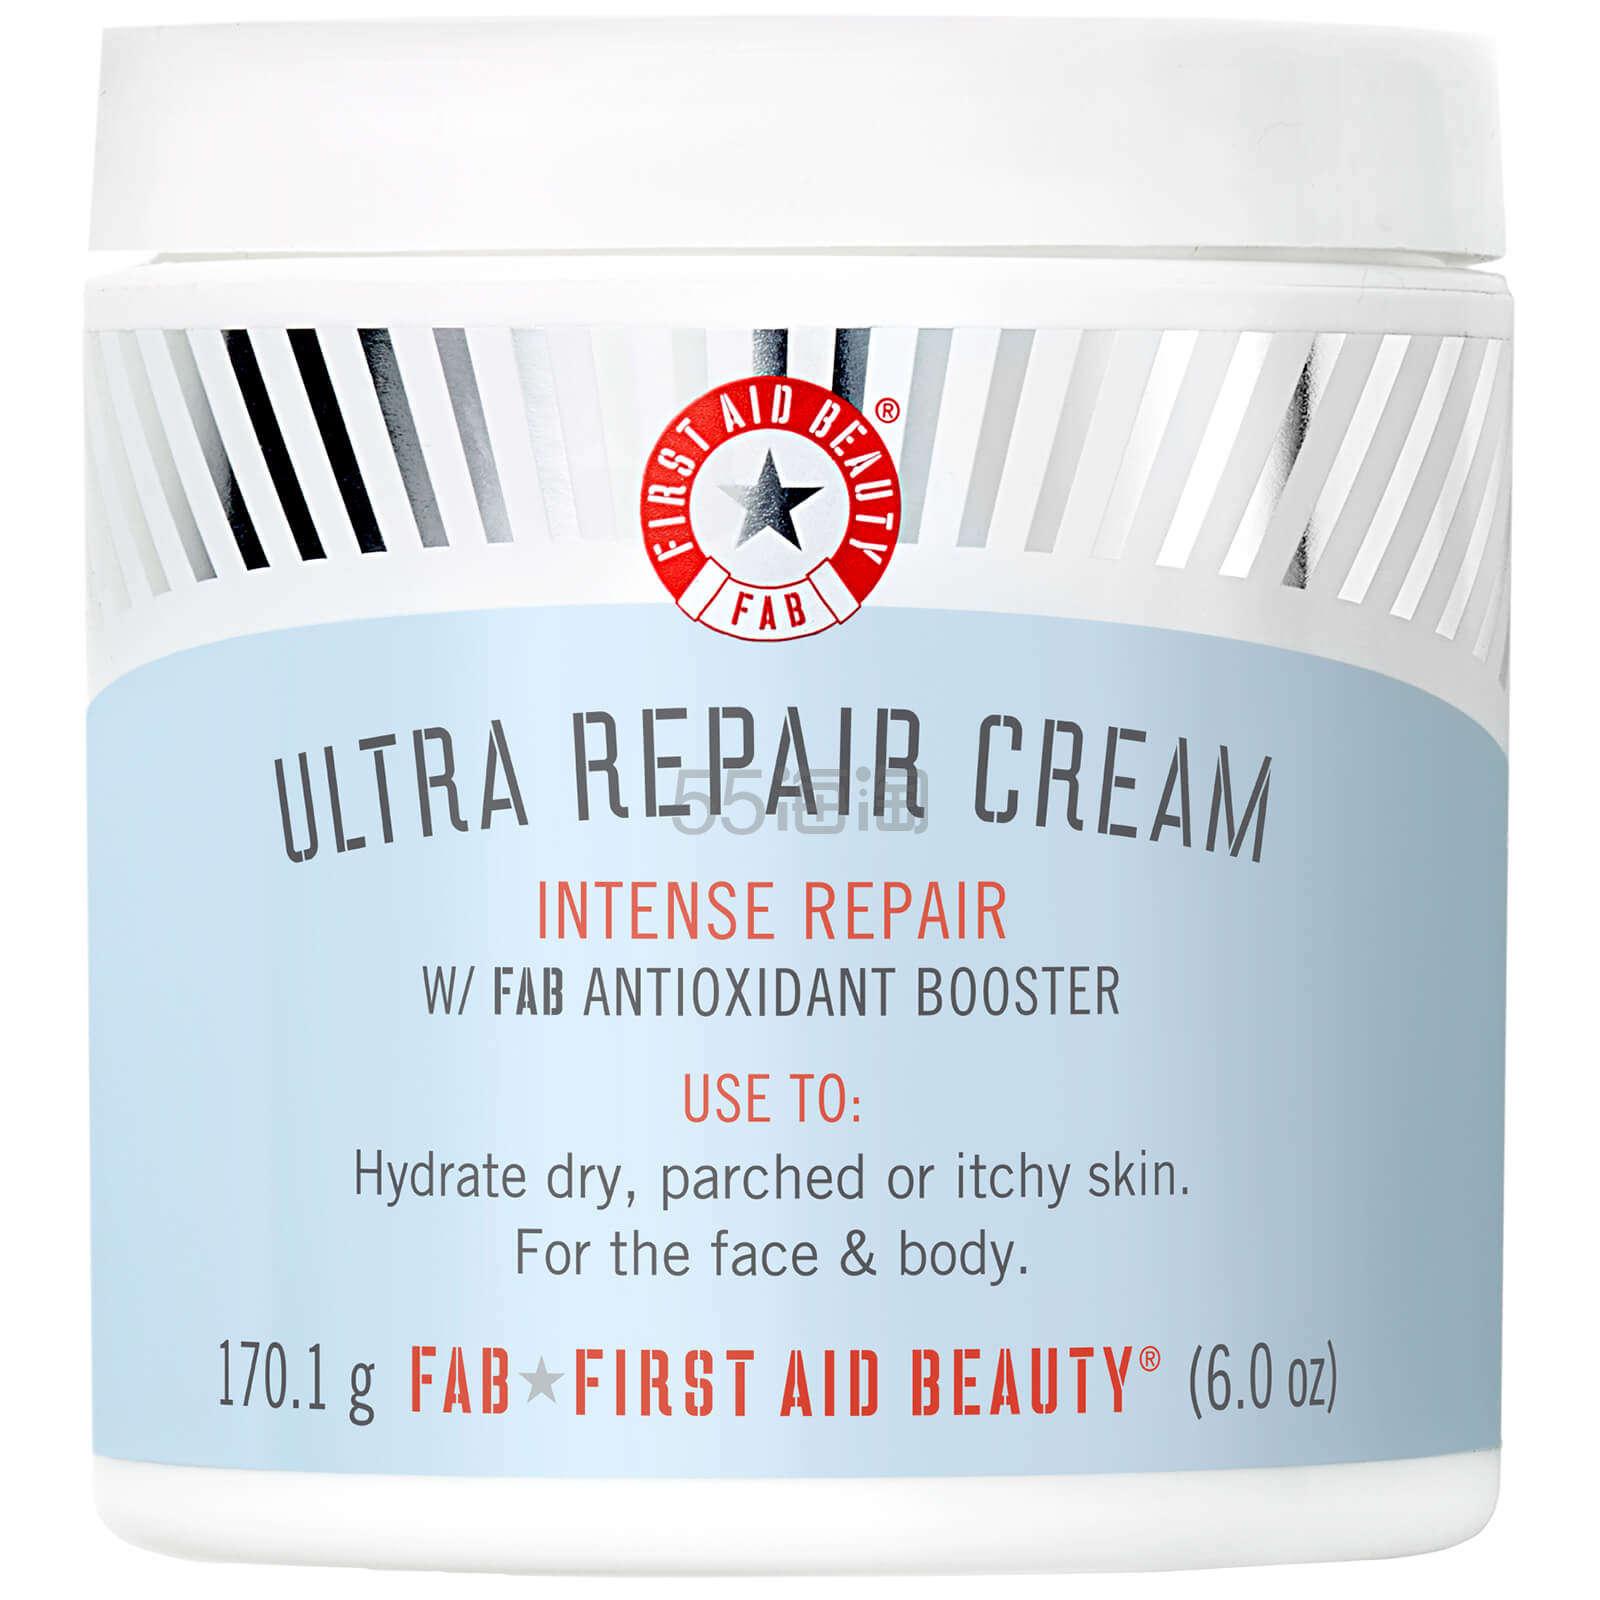 First Aid Beauty FAB 急救面霜 170g £18(约163元) - 海淘优惠海淘折扣 55海淘网